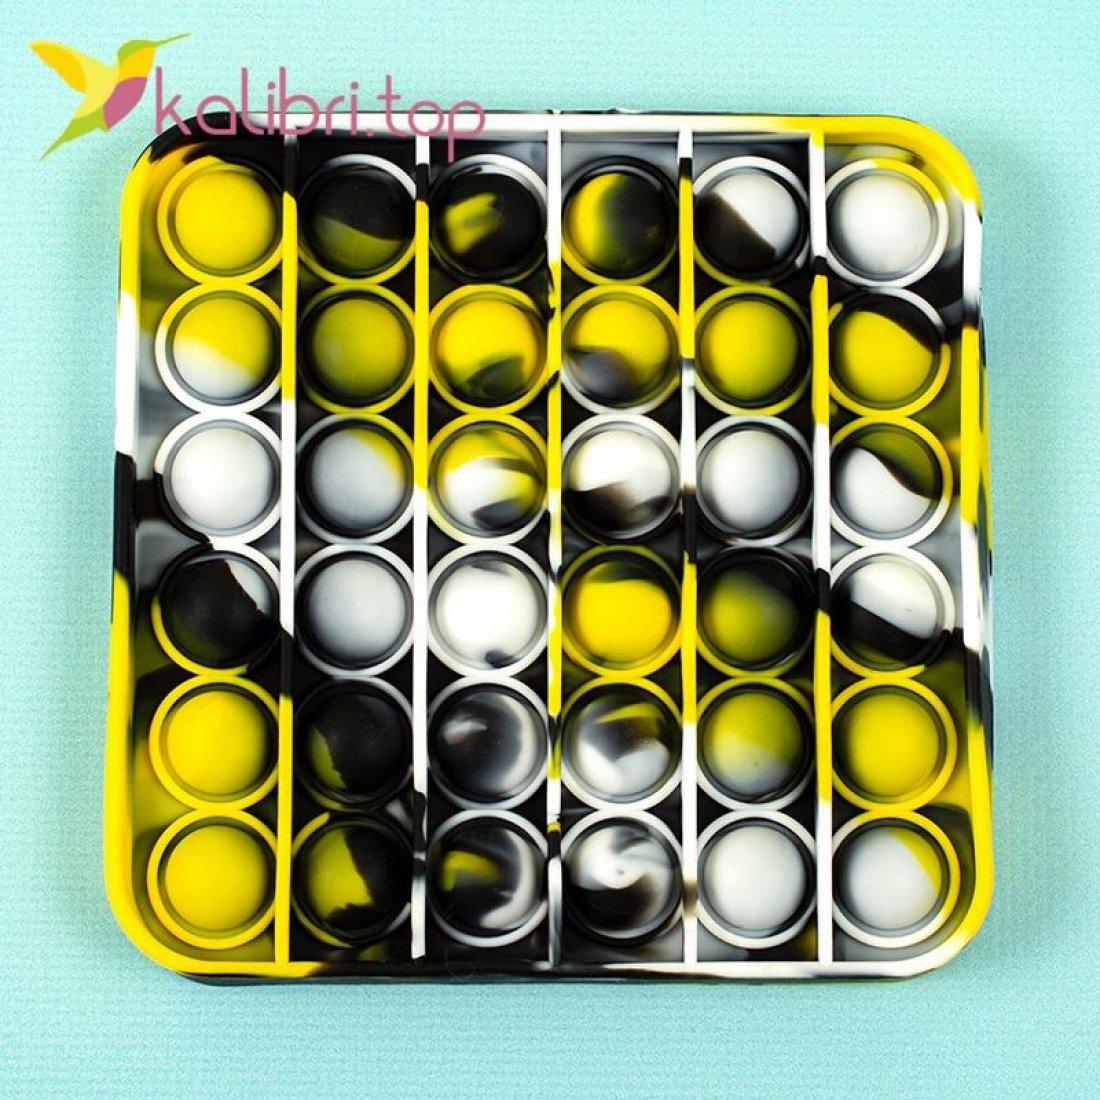 Поп ит (pop-it) квадрат чёрно-жёлтый оптом